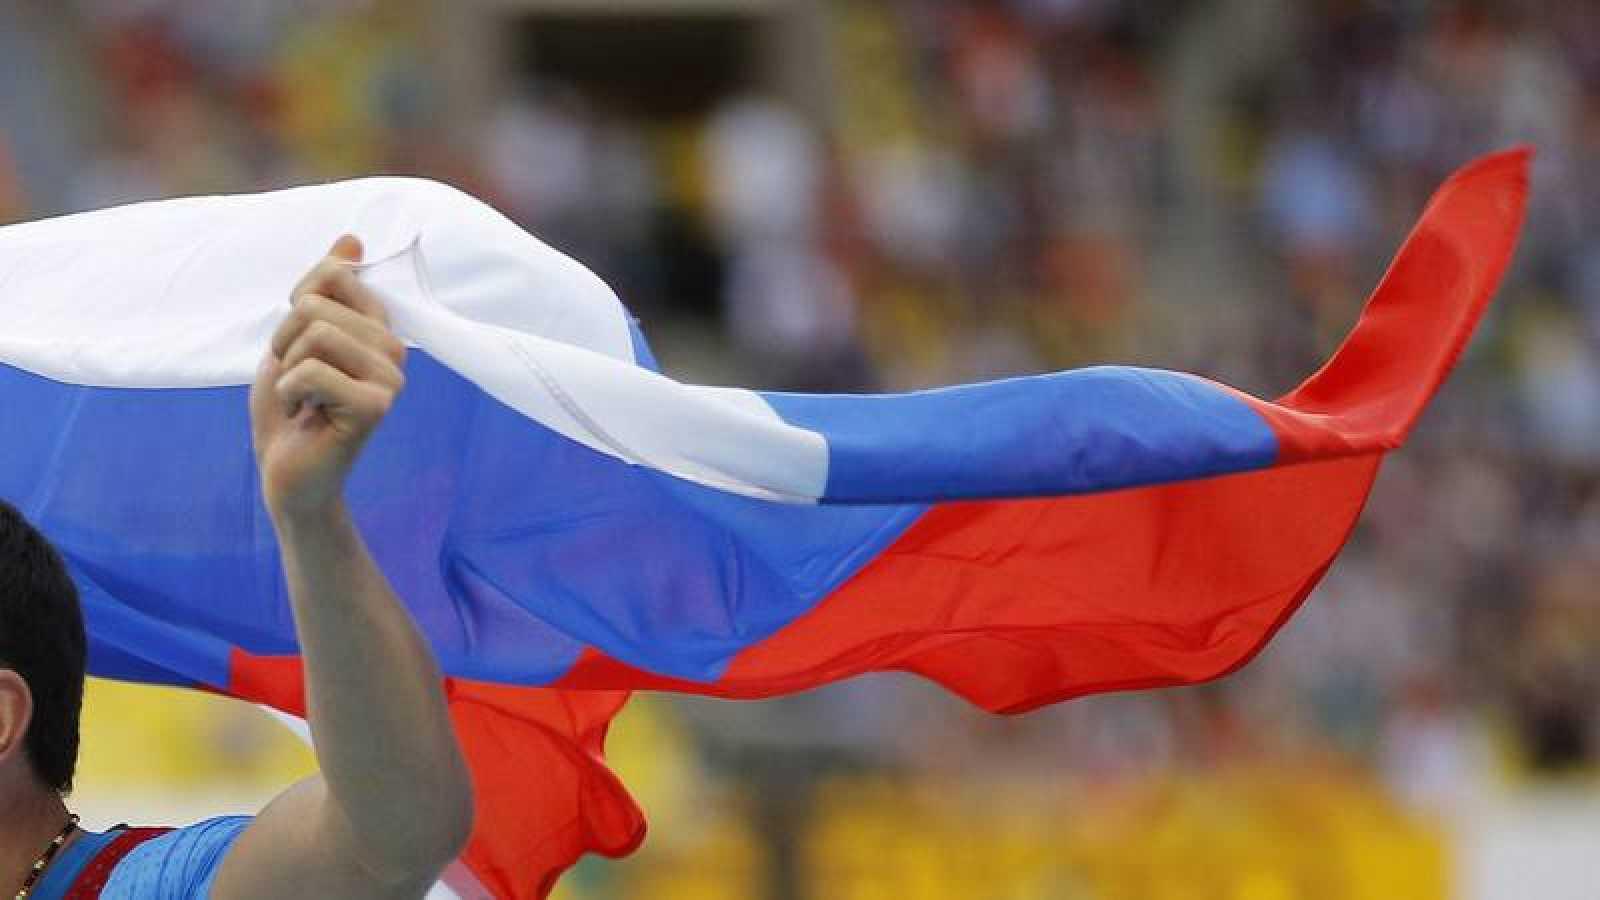 La IAAF mantiene la sanción por dopaje a los atletas rusos